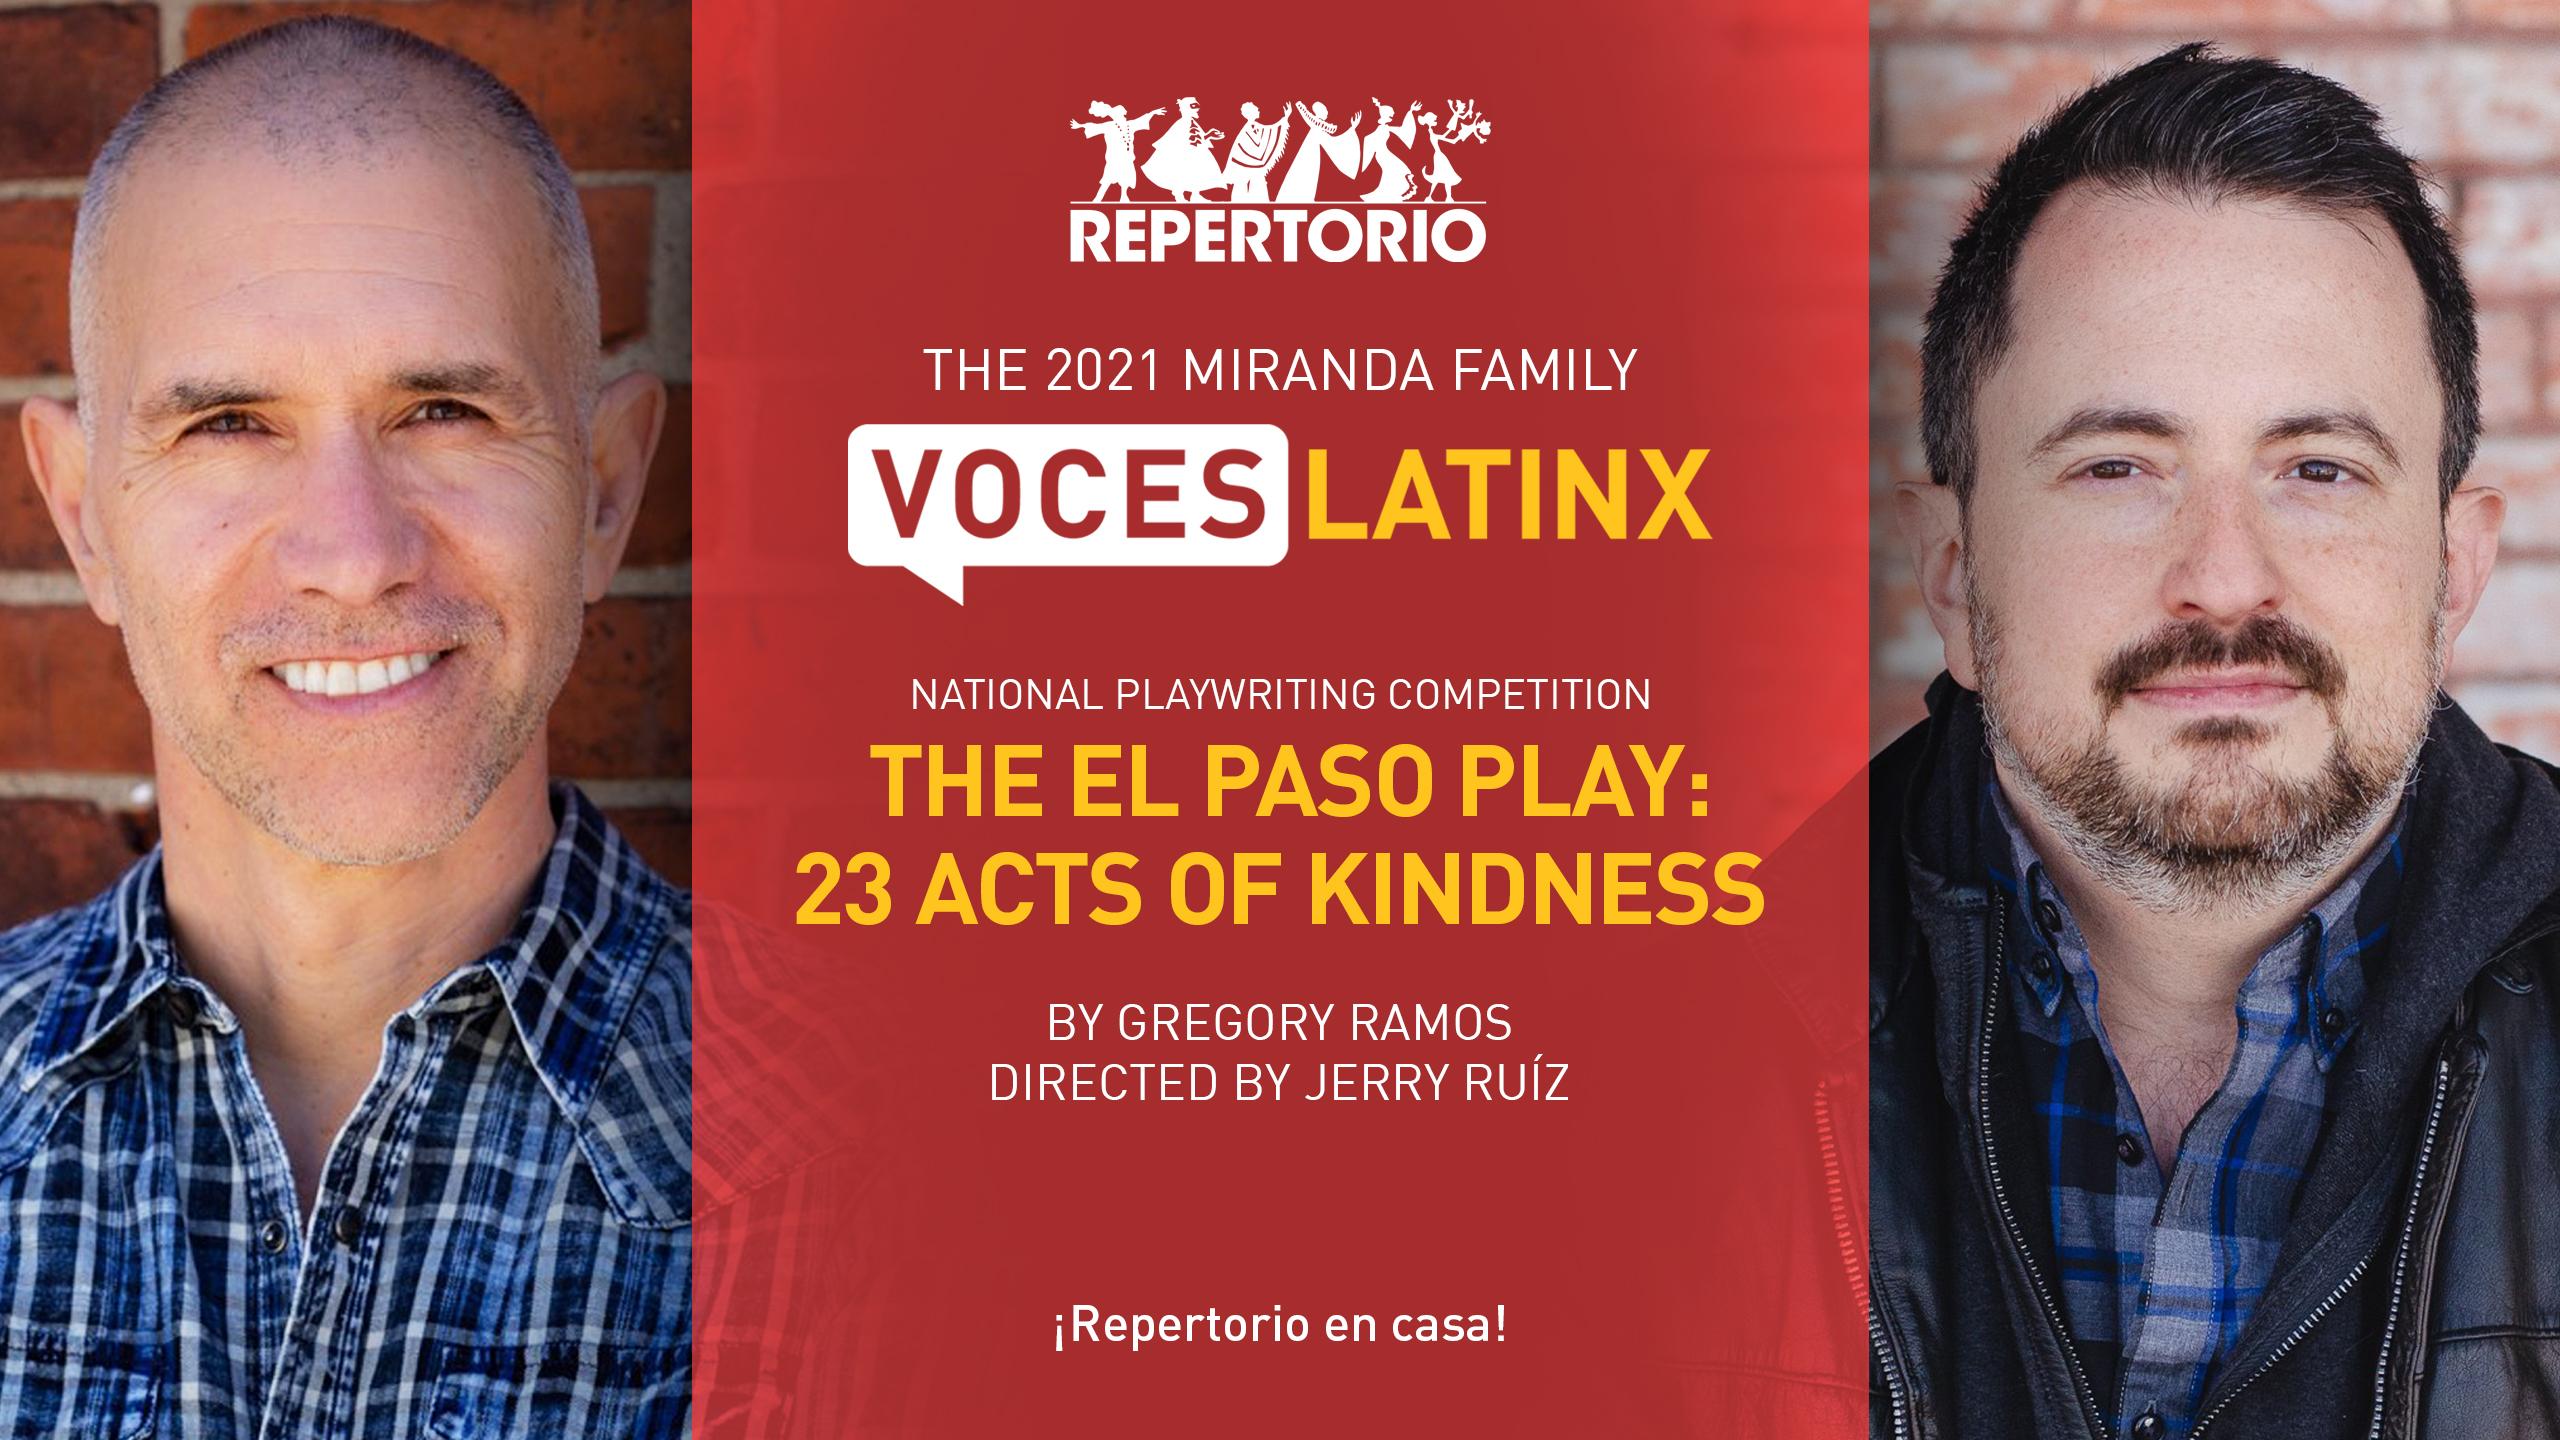 VOCES_LATINX_2021_The_el_Paso_Play